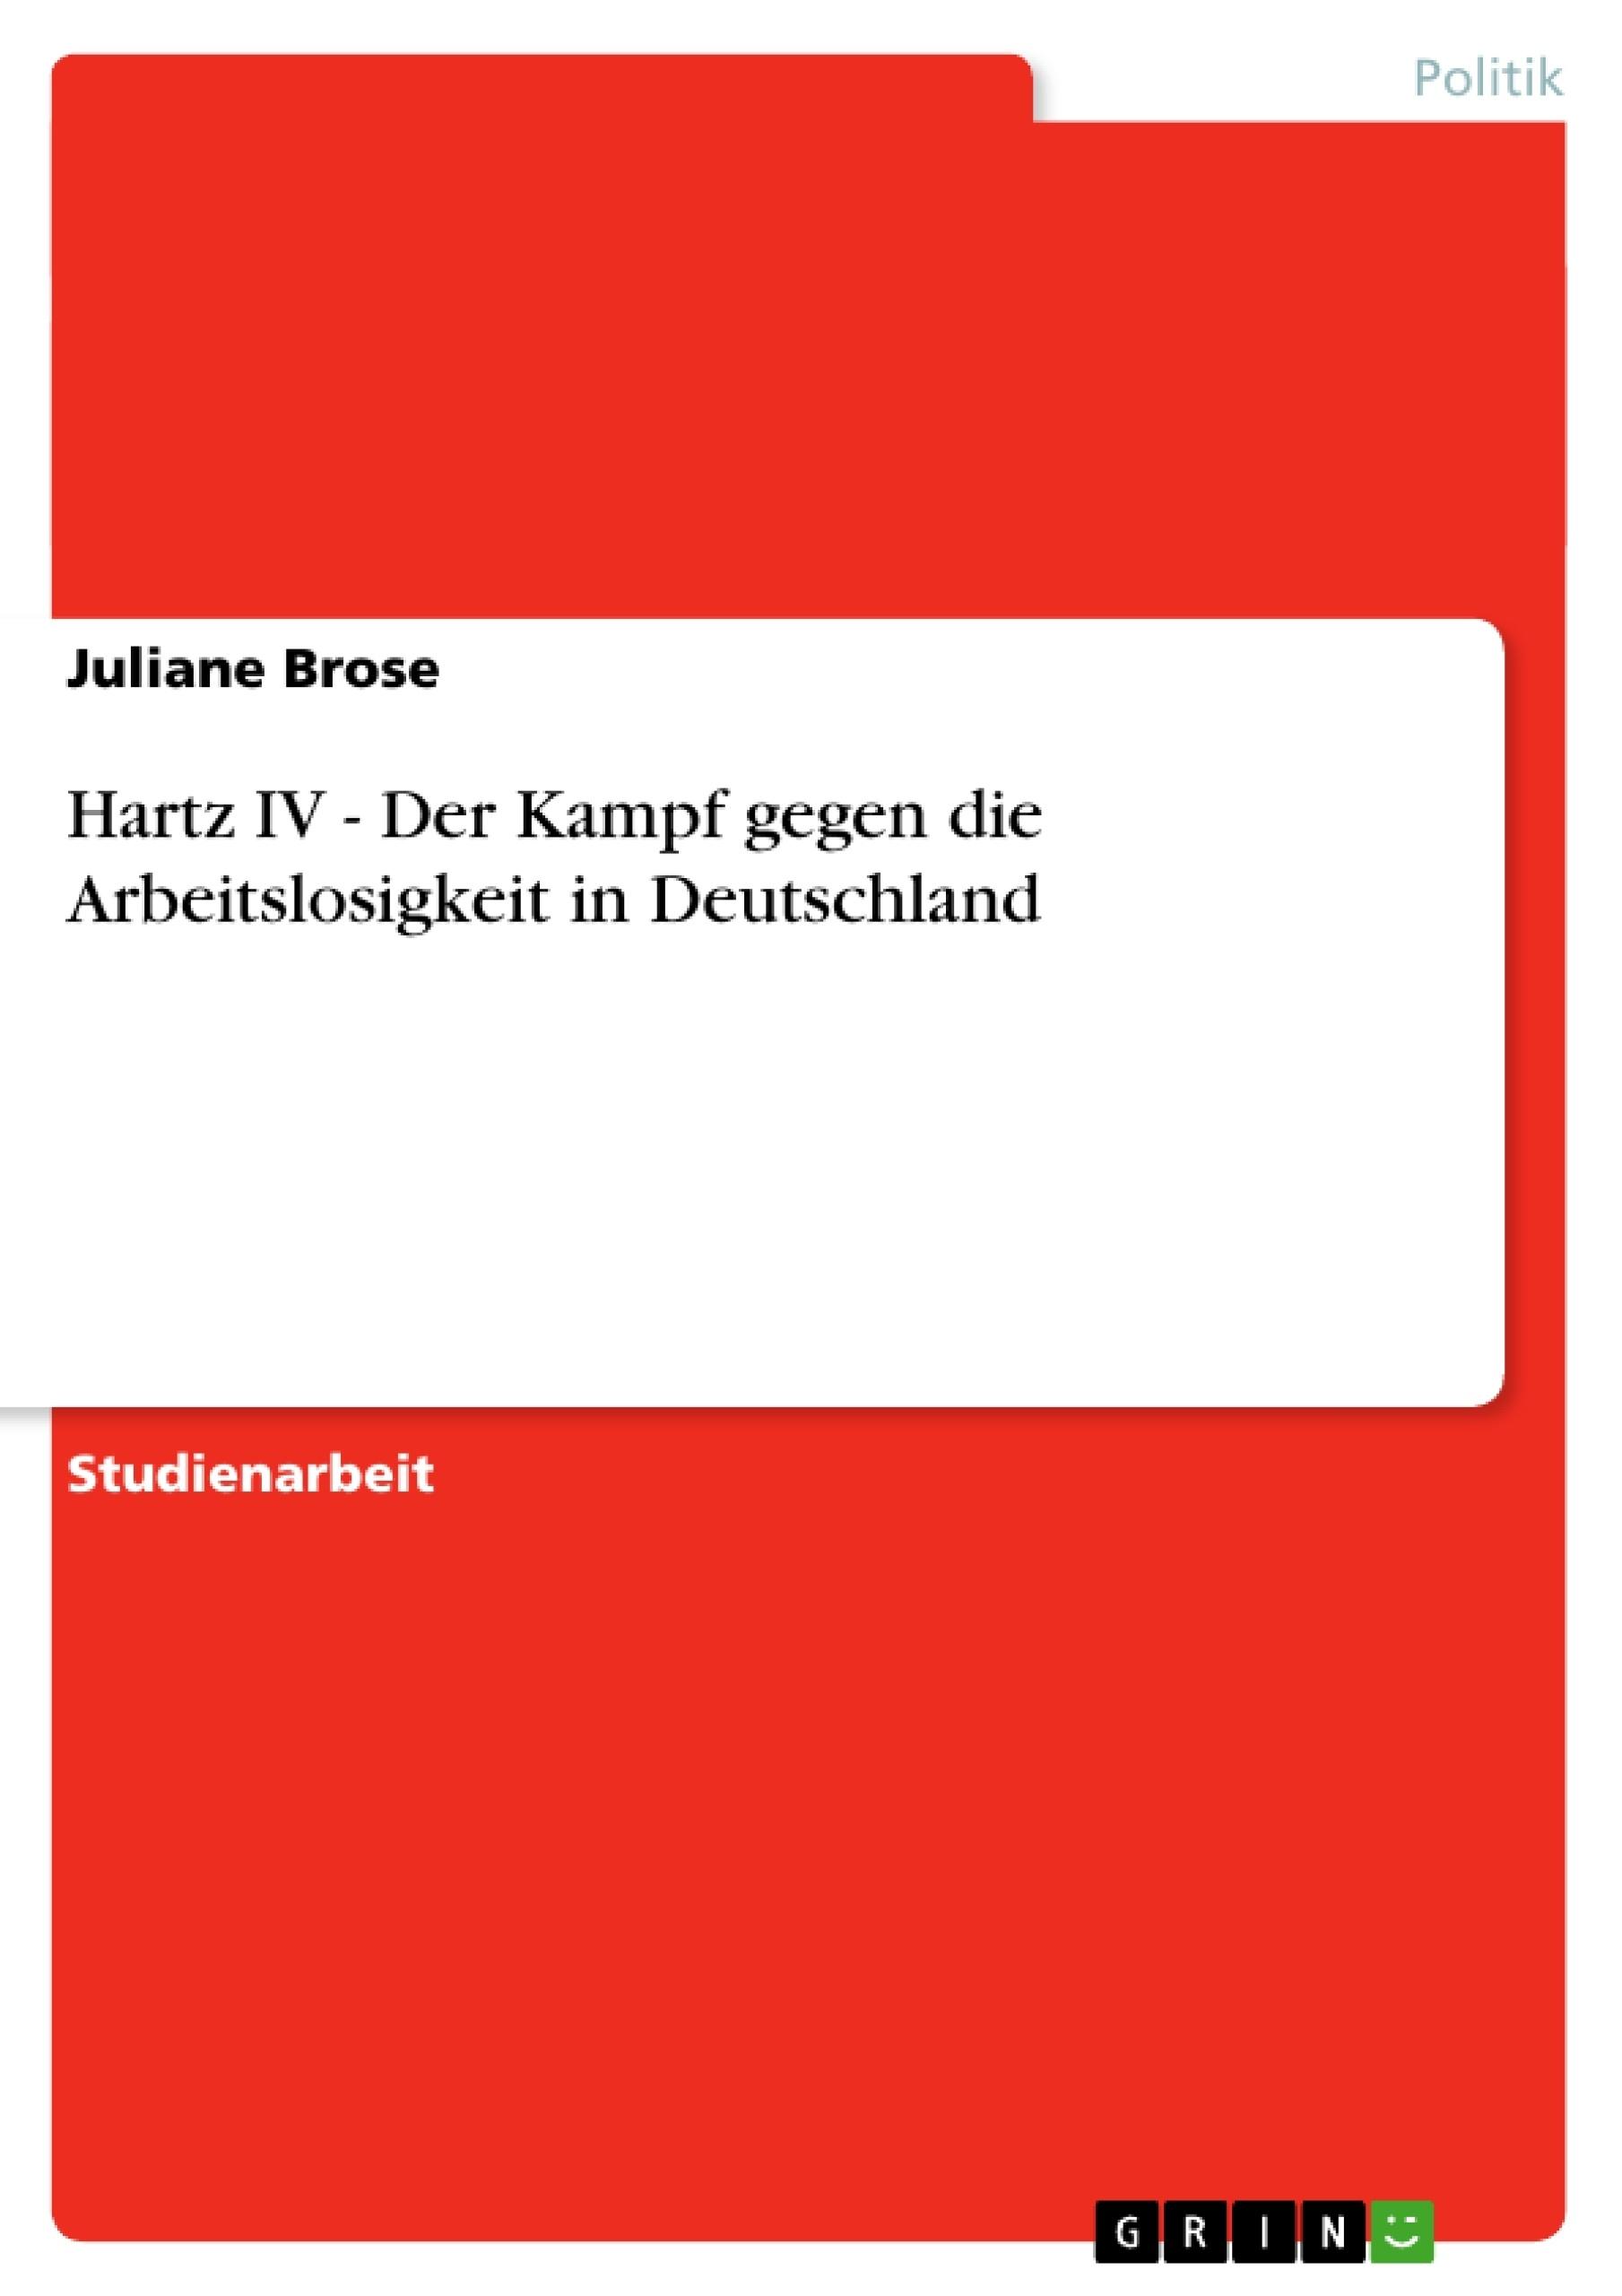 Titel: Hartz IV - Der Kampf gegen die Arbeitslosigkeit in Deutschland